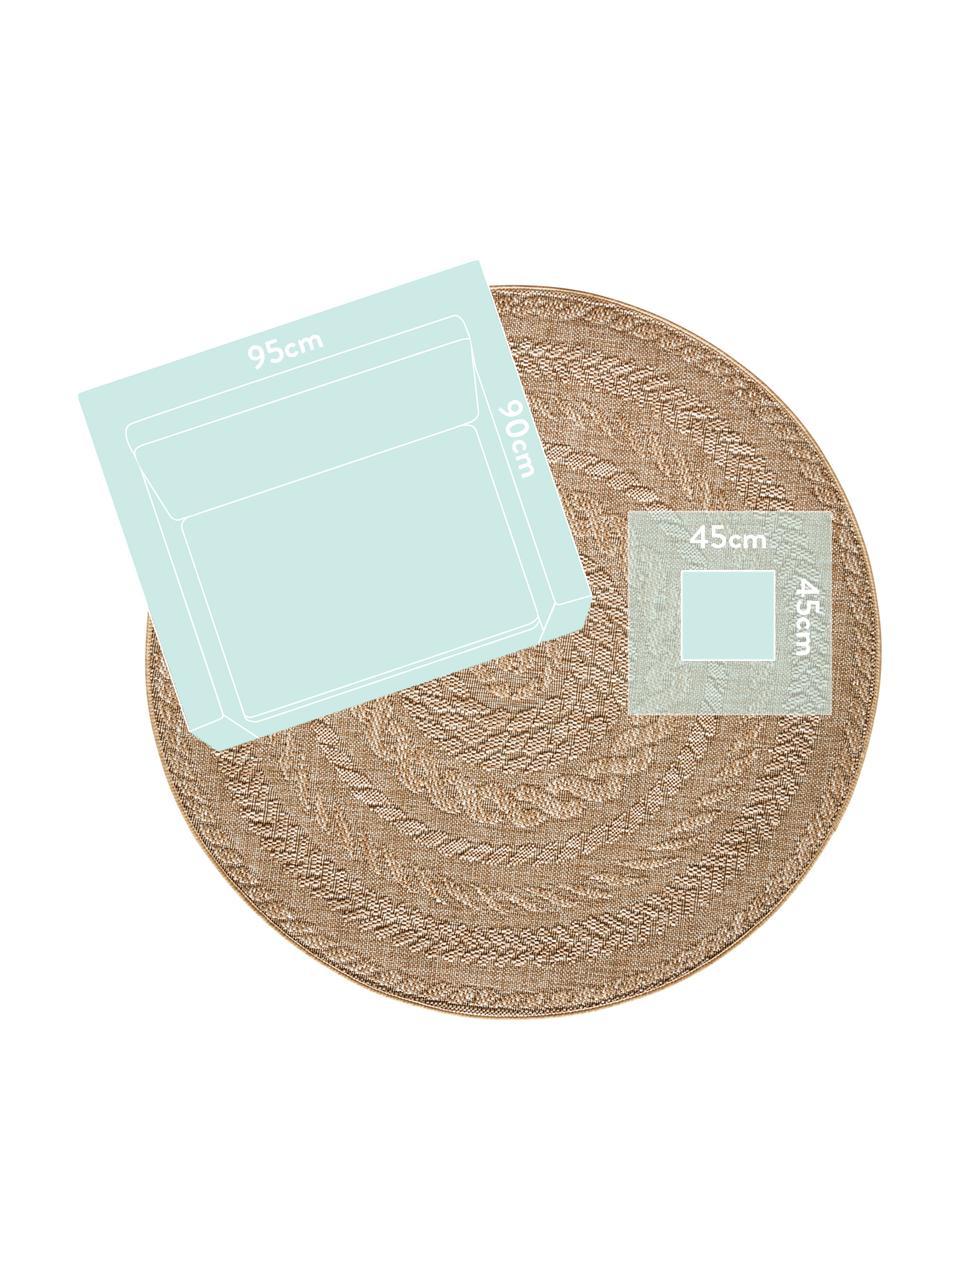 Rond in- &  outdoor vloerkleed Almendro in juten look, 100% polypropyleen, Beige, bruin, Ø 160 cm (maat L)